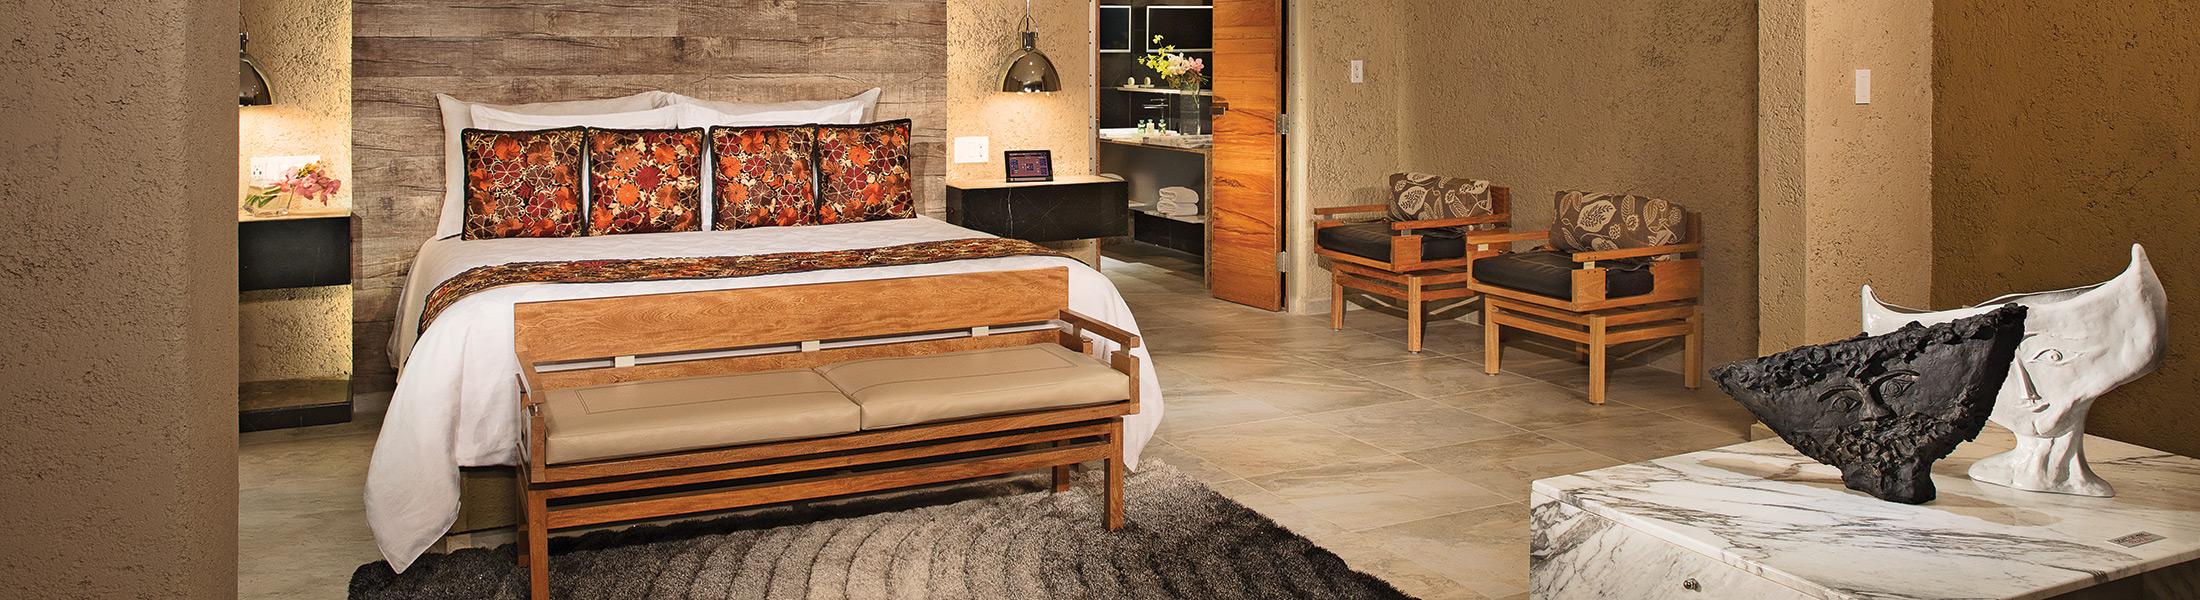 Bedroom of the Presidential Suite at Zoetry Paraiso de la Bonita